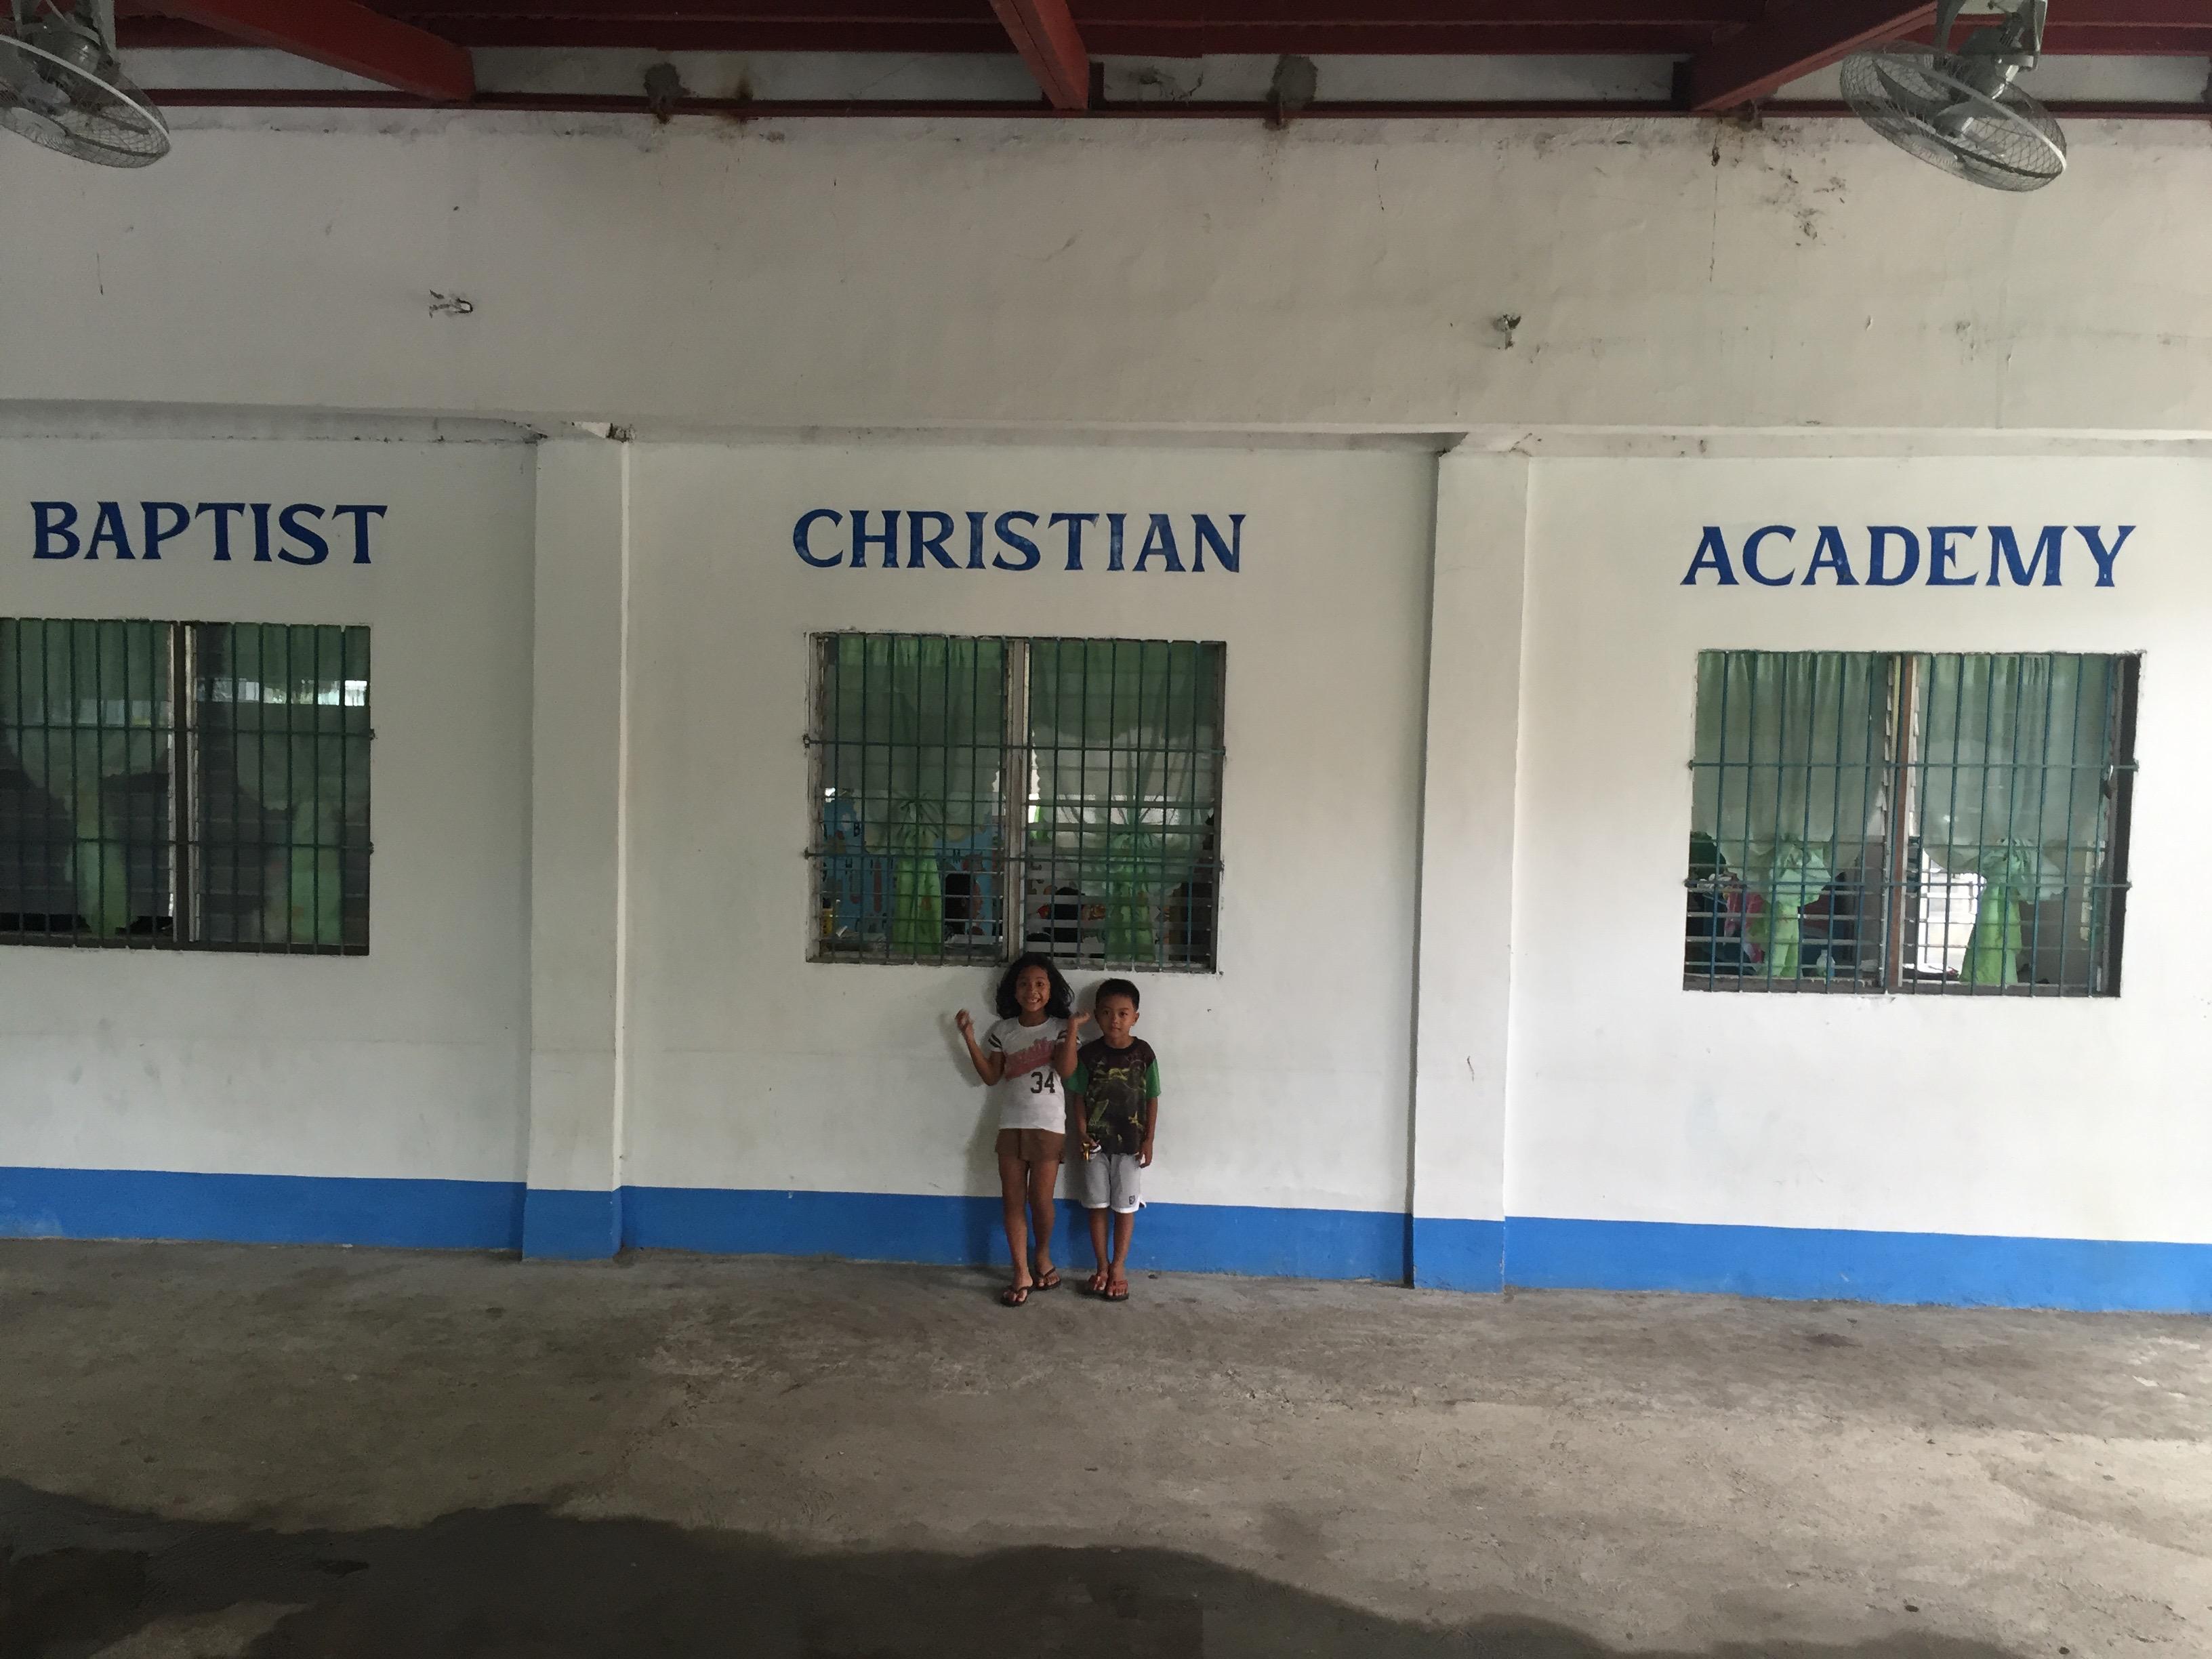 BAPTIST CHRISTIAN ACADEMY